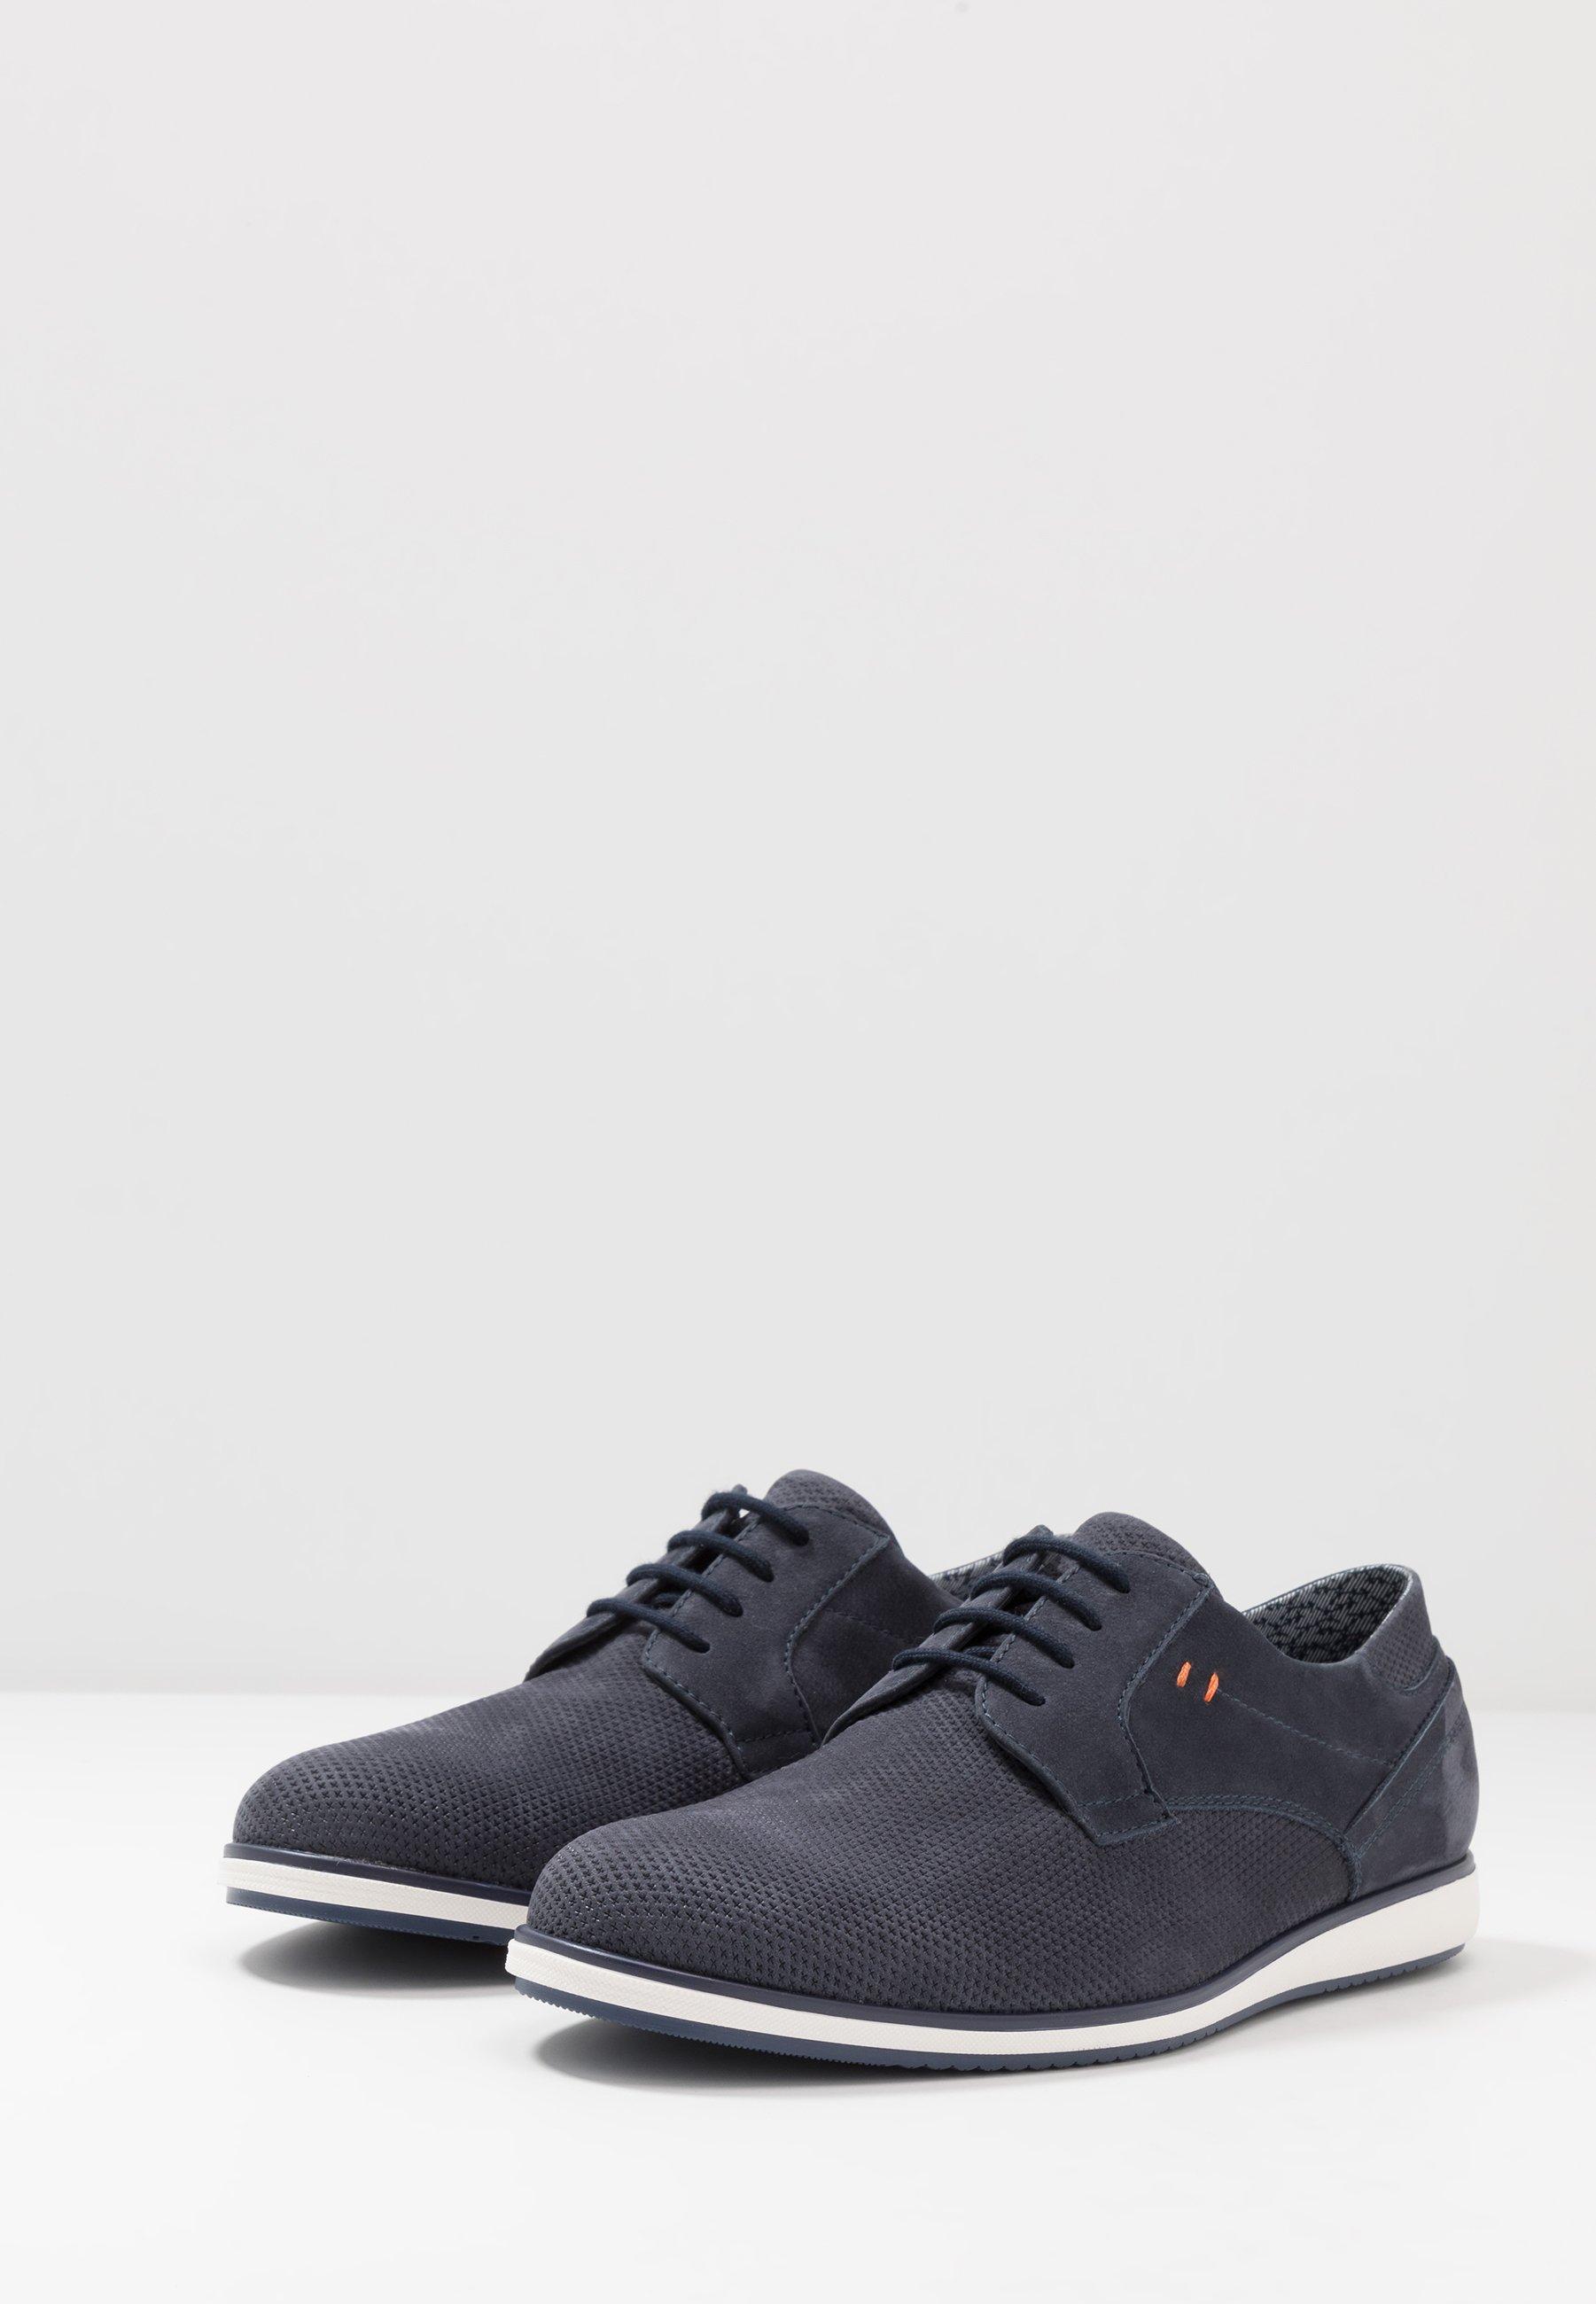 Limitado nuevo Pier One Zapatos con cordones - dark blue | Zapatillas de hombre 2020 8uesZ